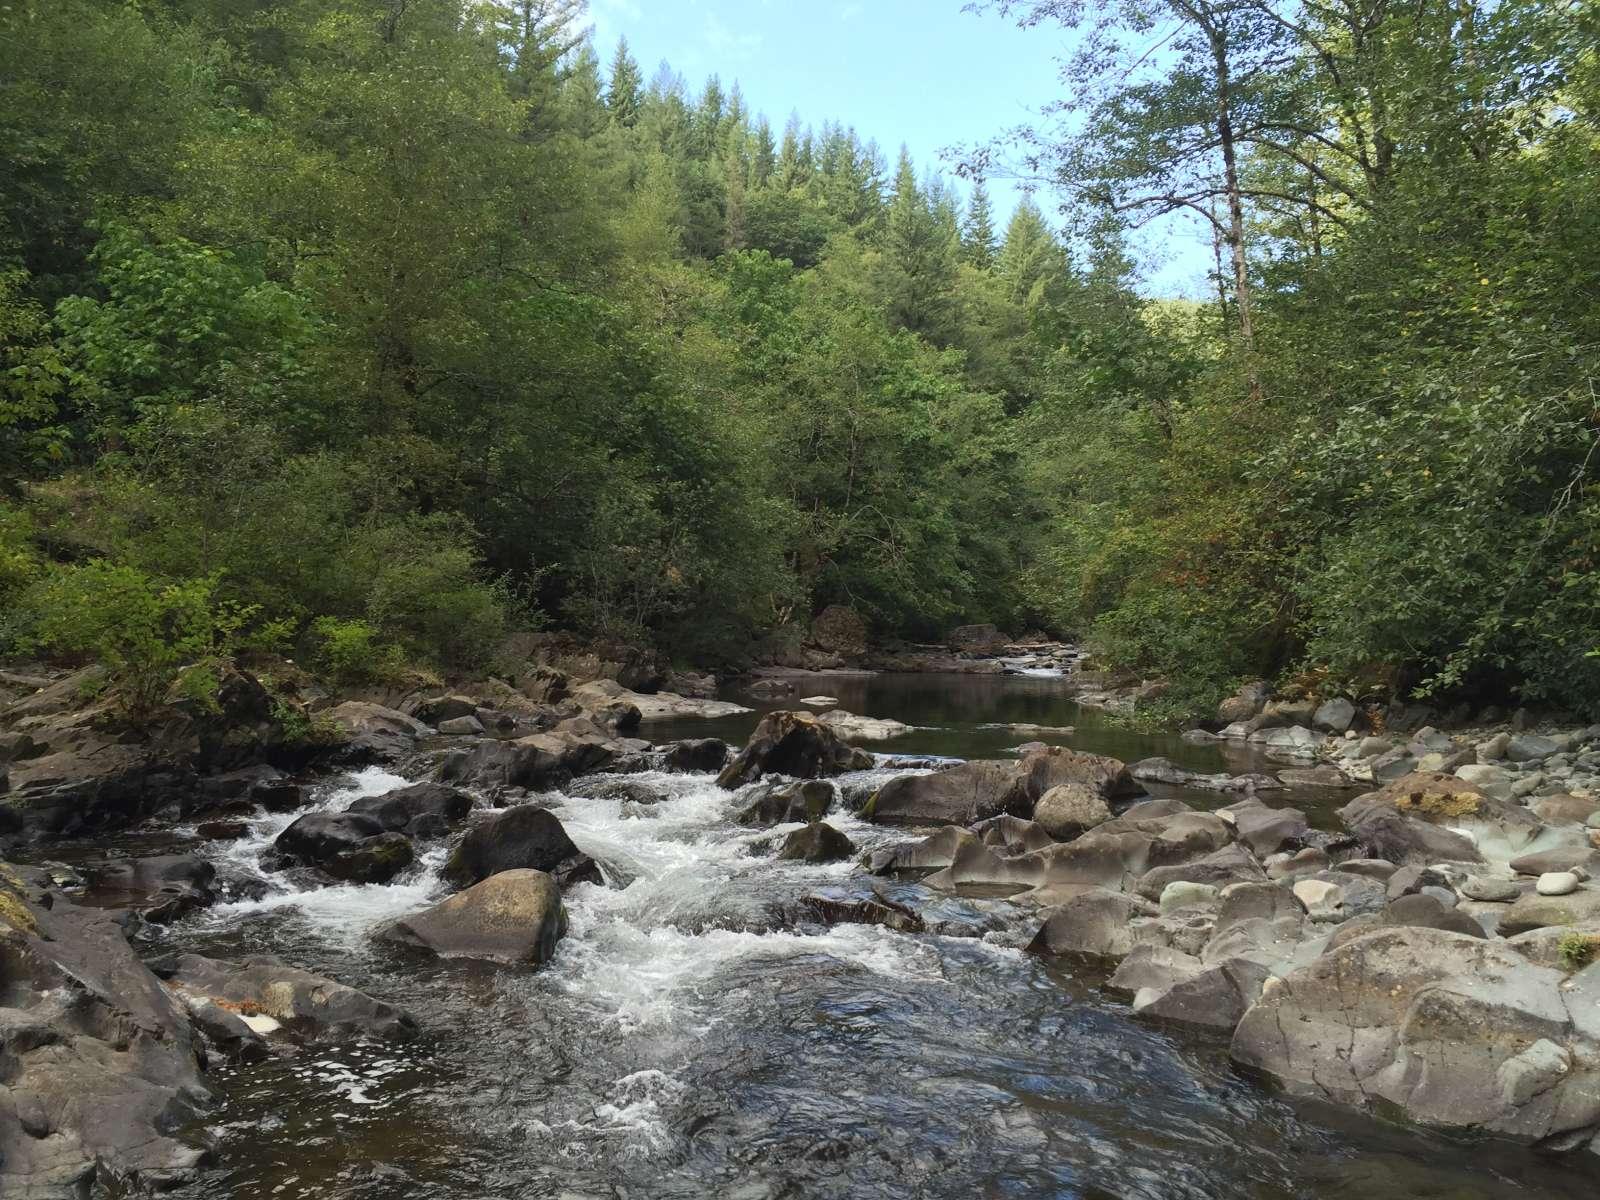 A beautiful hidden waterfall in Gifford Pinchot National